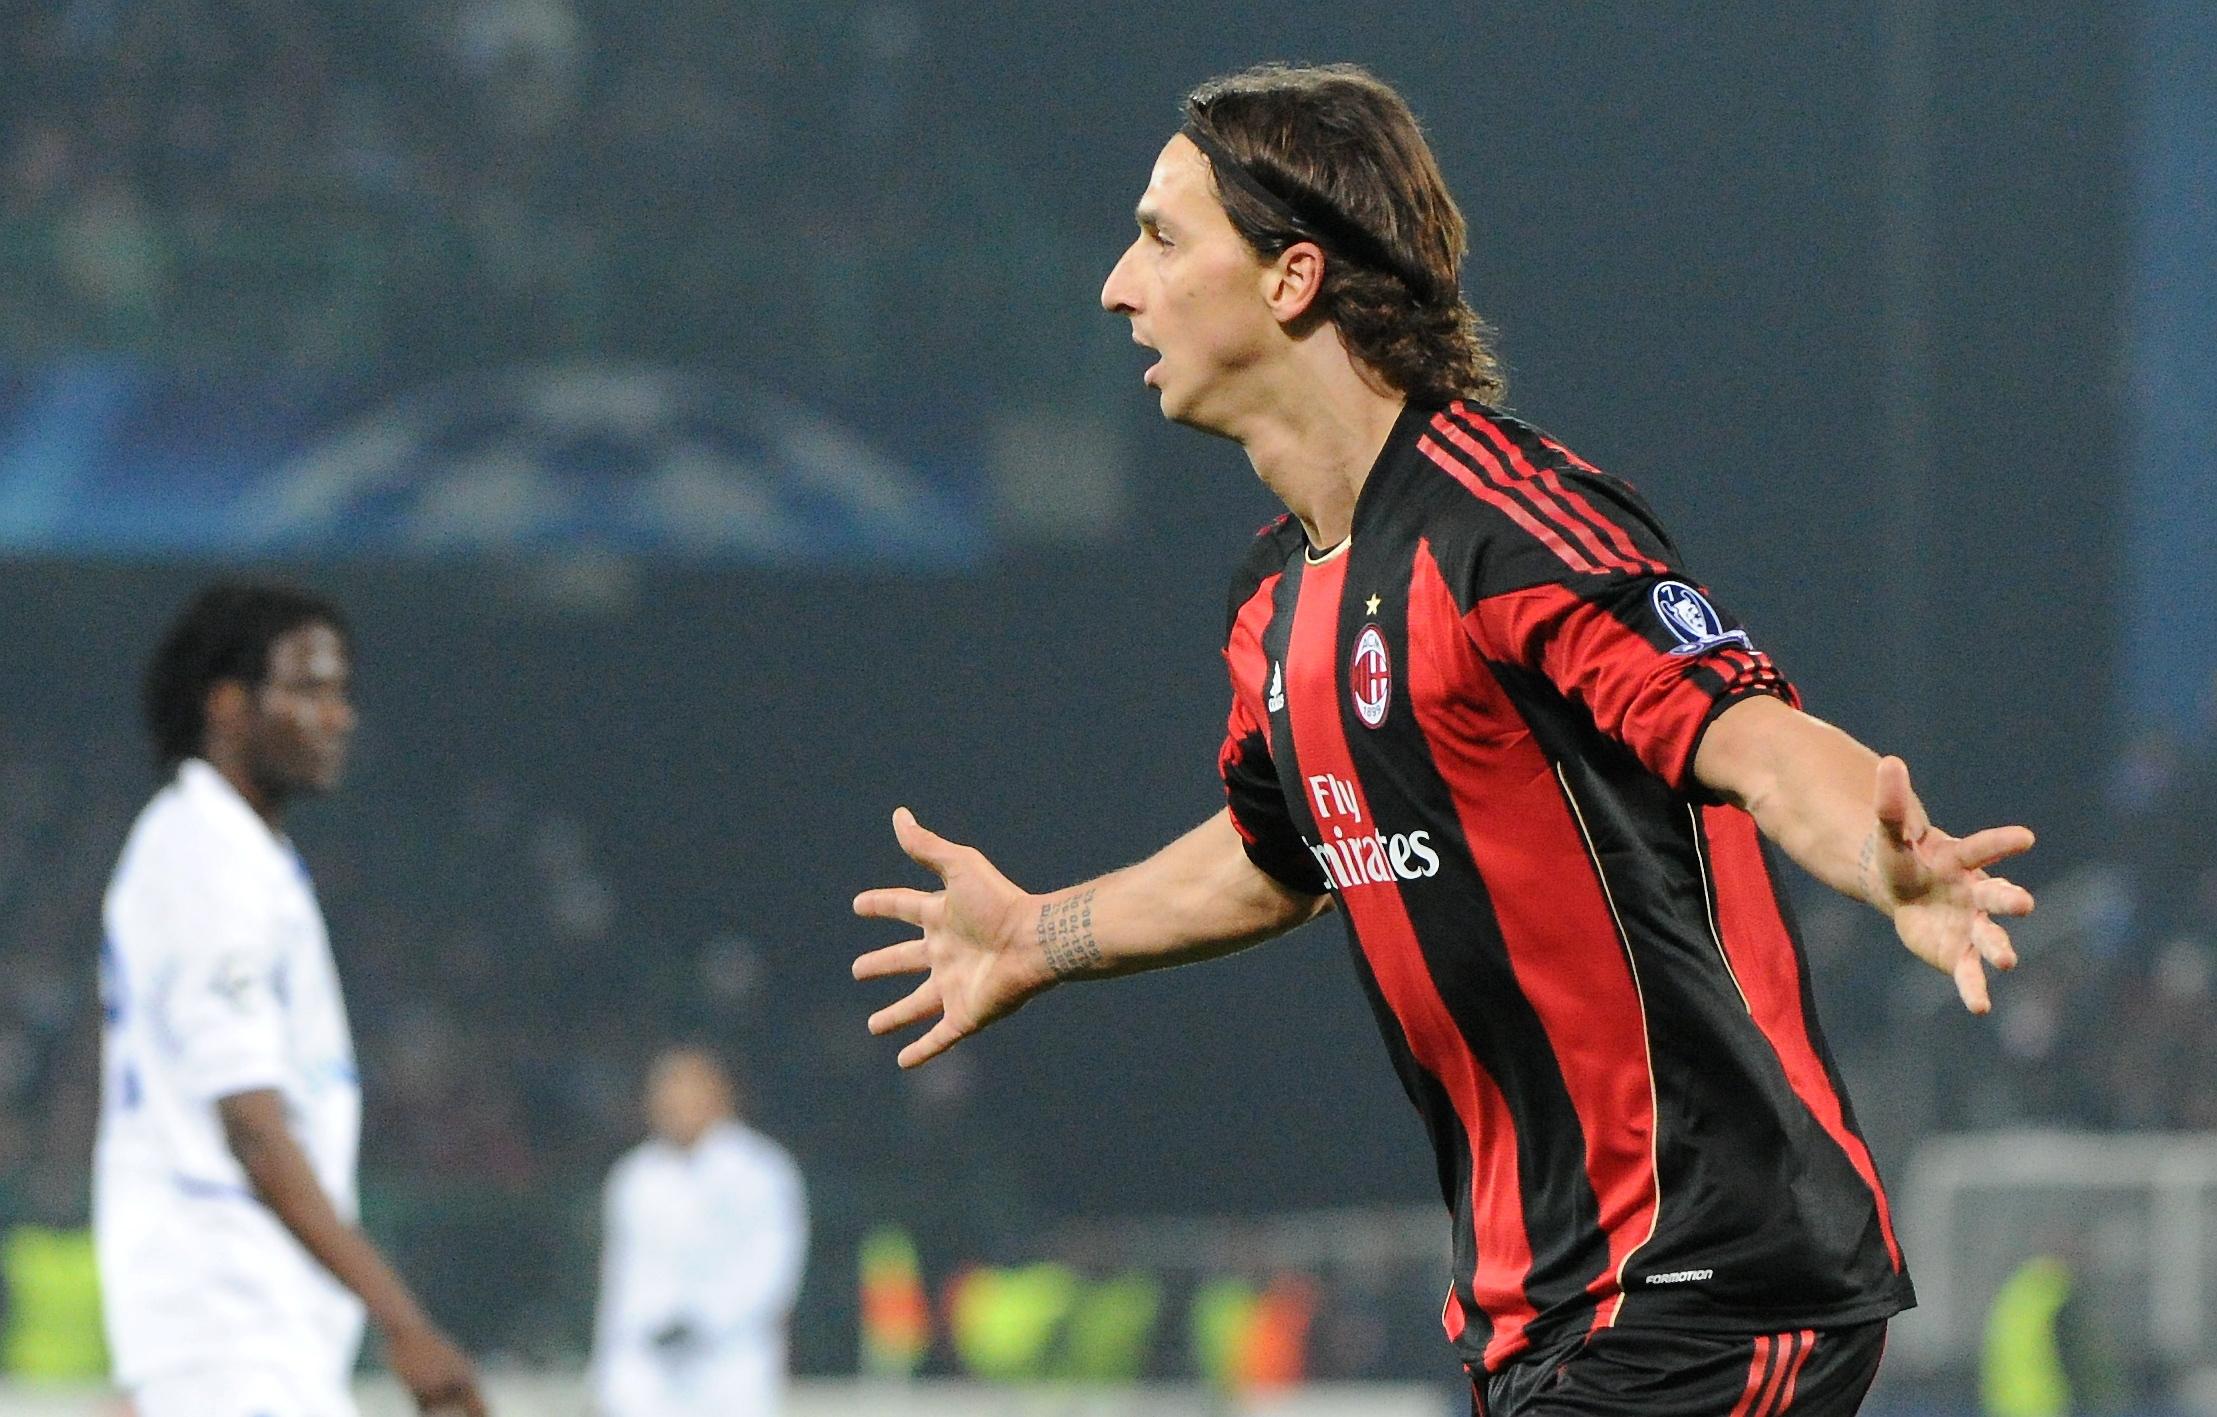 Ibrahimovic chuẩn bị trở lại châu Âu khoác áo đội bóng cũ